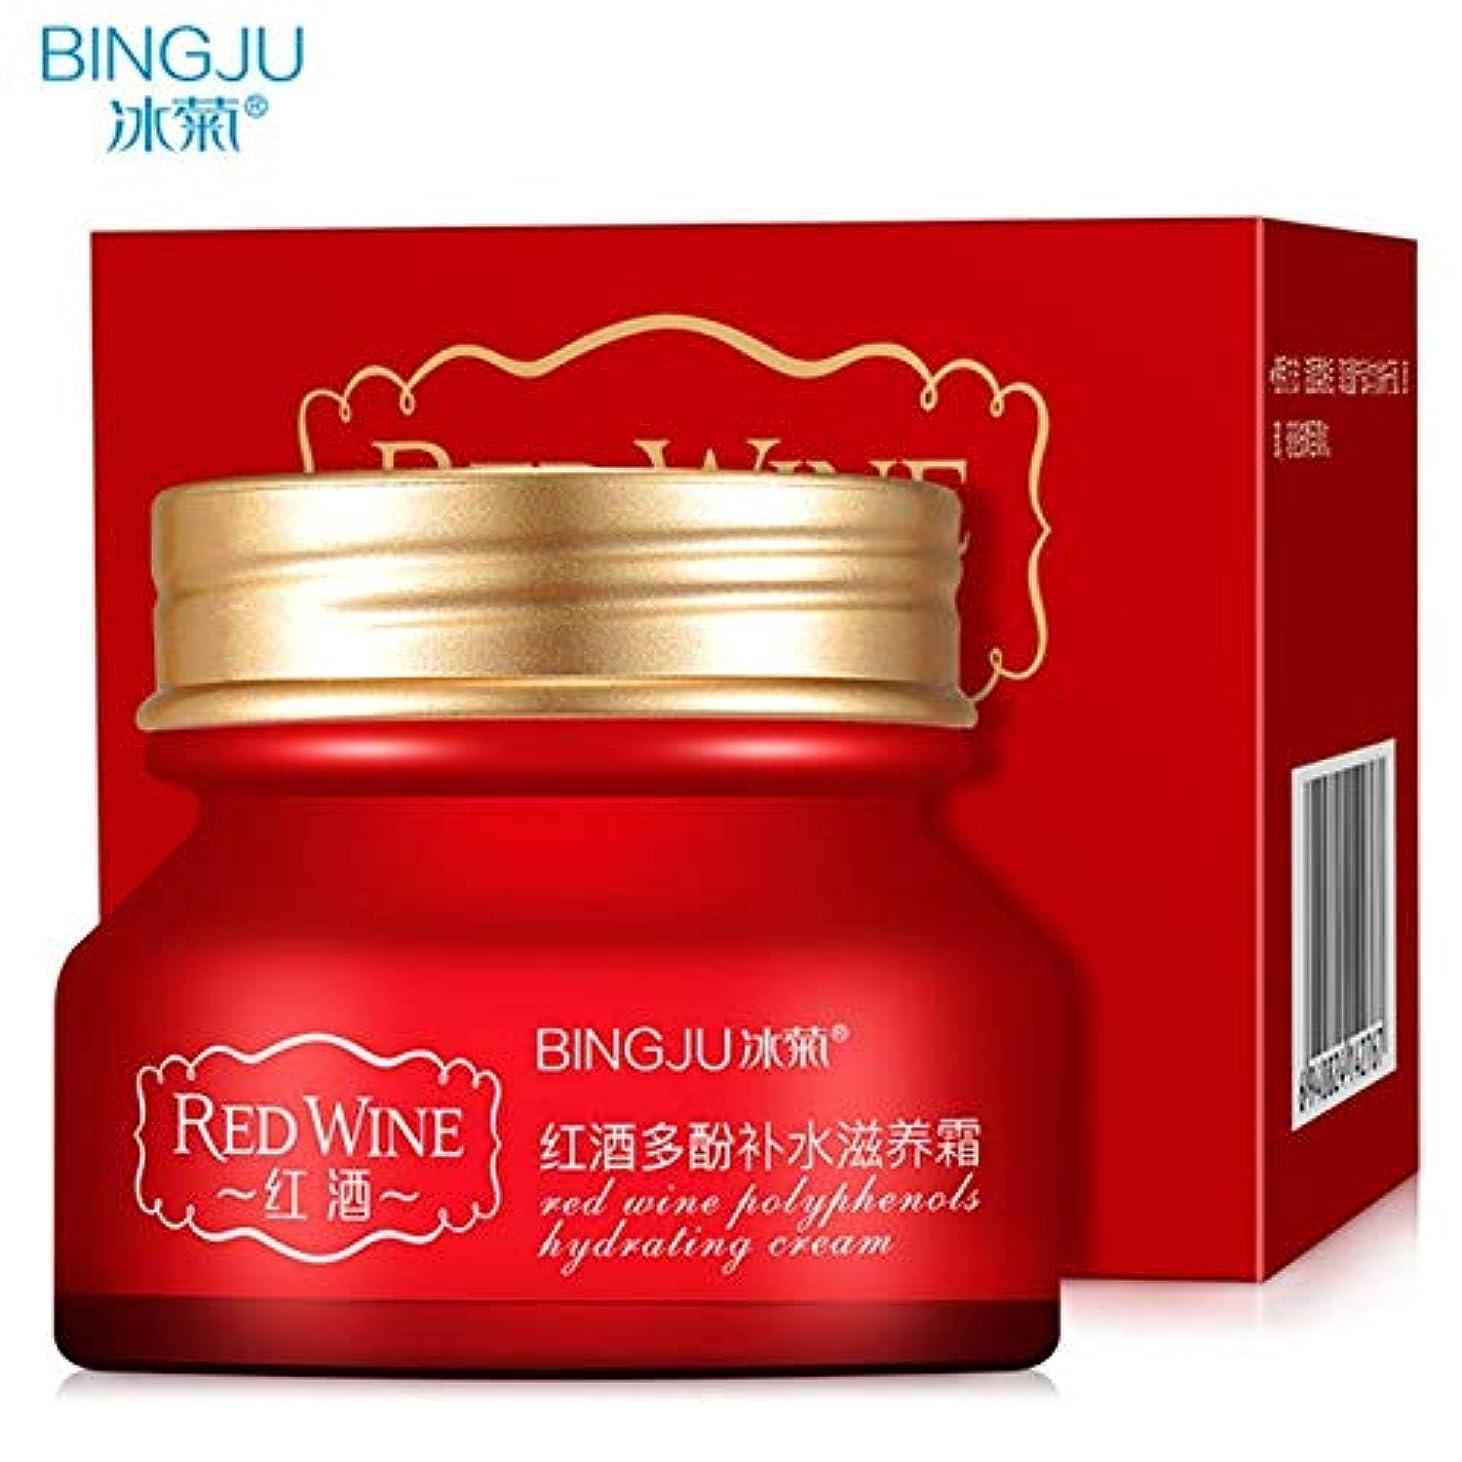 適性毒ハロウィンBINGJUアンチリンクルフェイシャルクリーム輸入原材料ケアリンクルファーミング赤ケア栄養しっとり寧をエージング